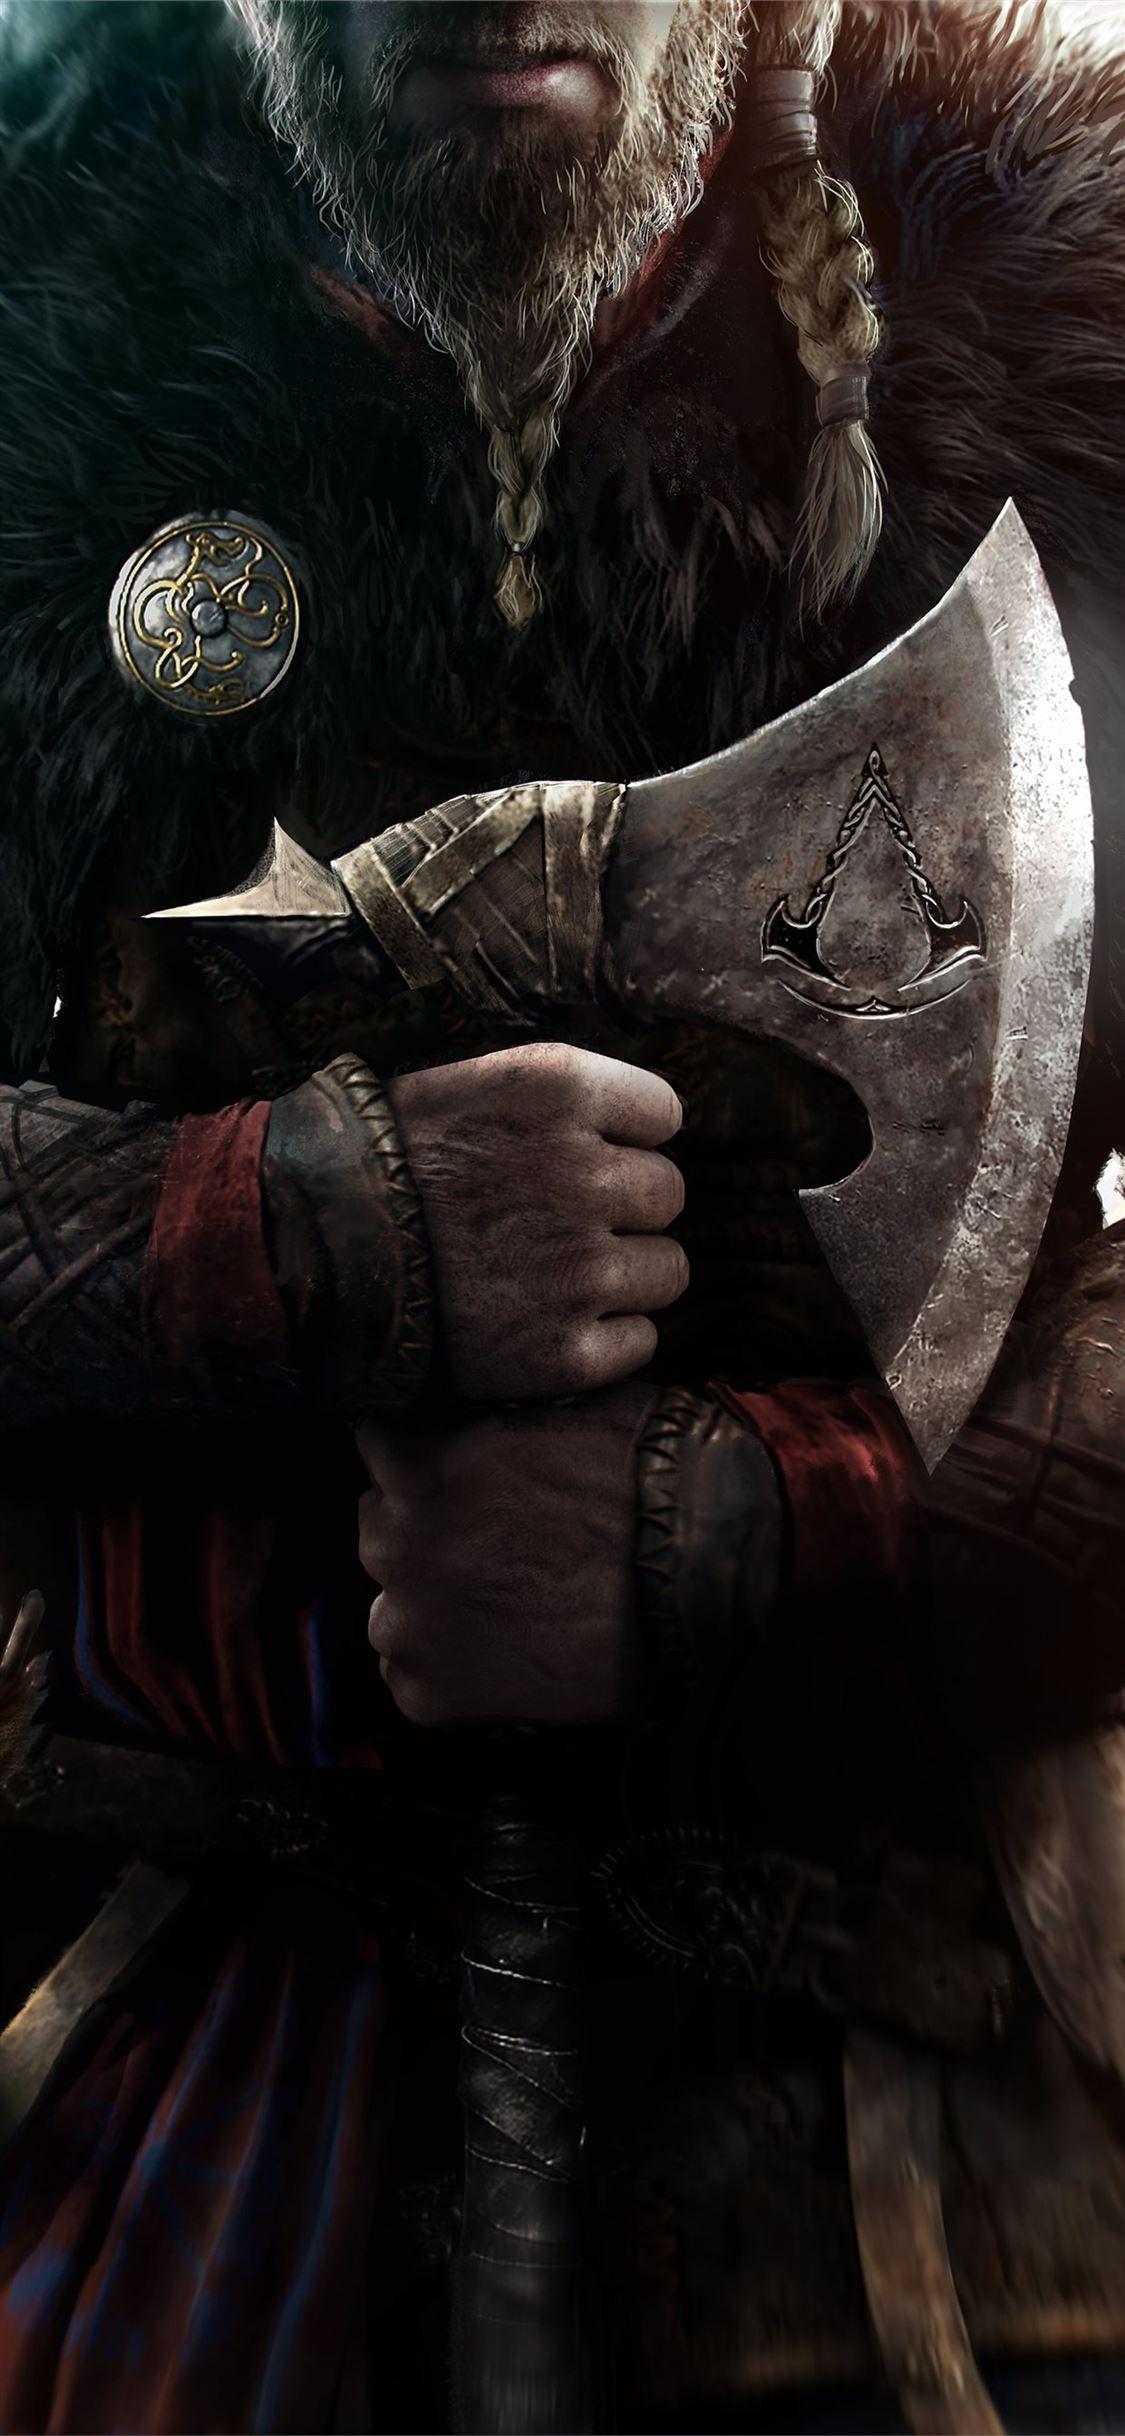 Assassins Creed Valhalla 2020 10k Assassinscreedvalhalla Assassinscreed Games Xboxga In 2020 Assassin S Creed Wallpaper Assassins Creed Artwork Assassins Creed Art